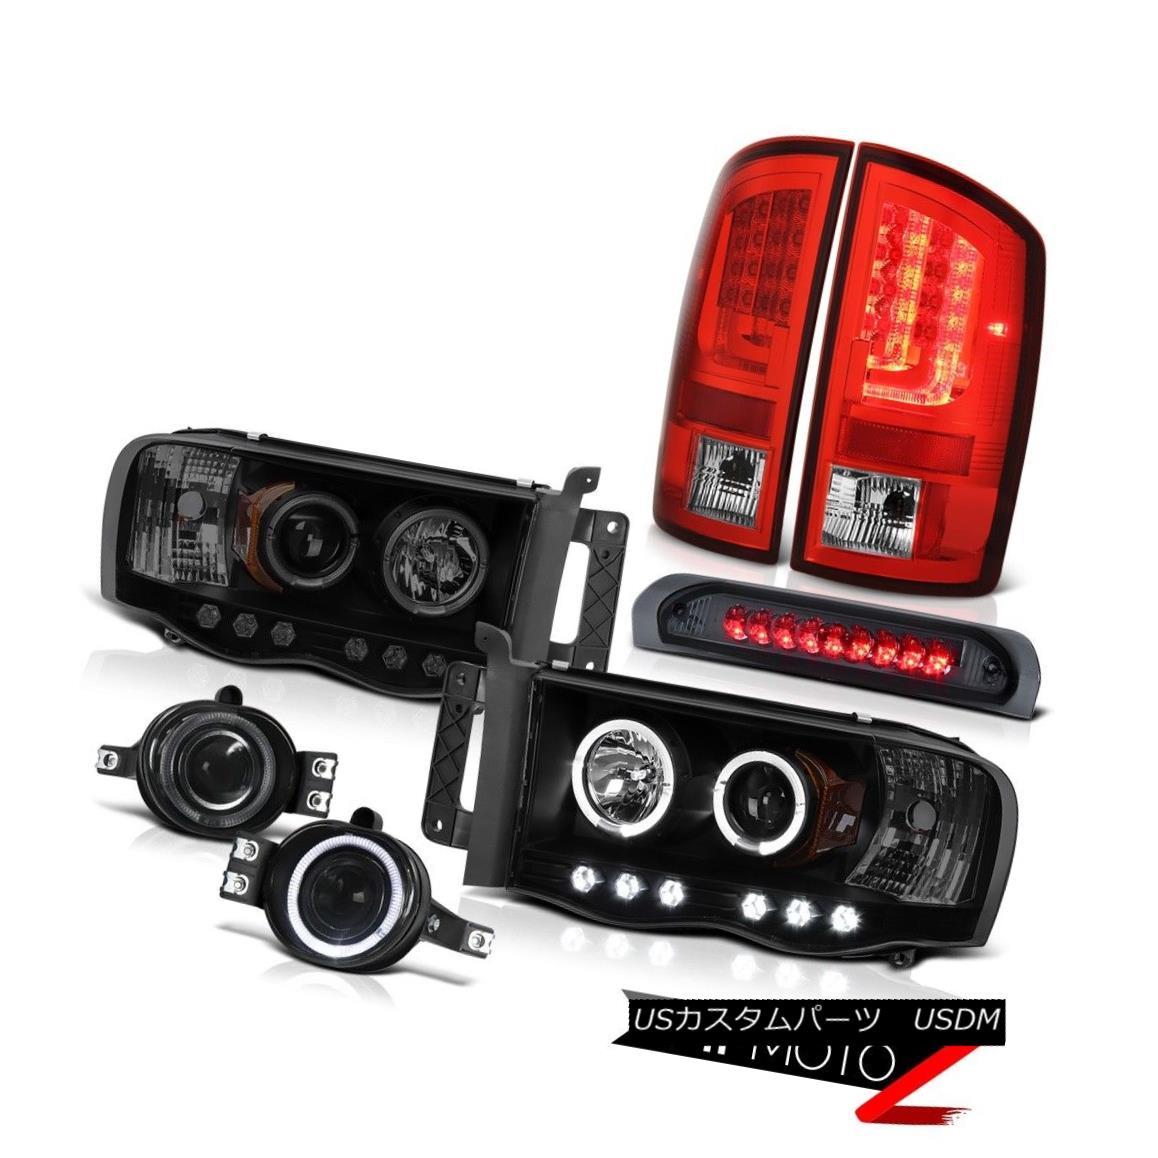 テールライト 2003-2005 Dodge Ram 3500 ST Tail Lamps Headlamps Fog Roof Cab Lamp LED Dual Halo 2003-2005 Dodge Ram 3500 STテールランプヘッドランプ霧屋根キャブランプLEDデュアルヘイロー